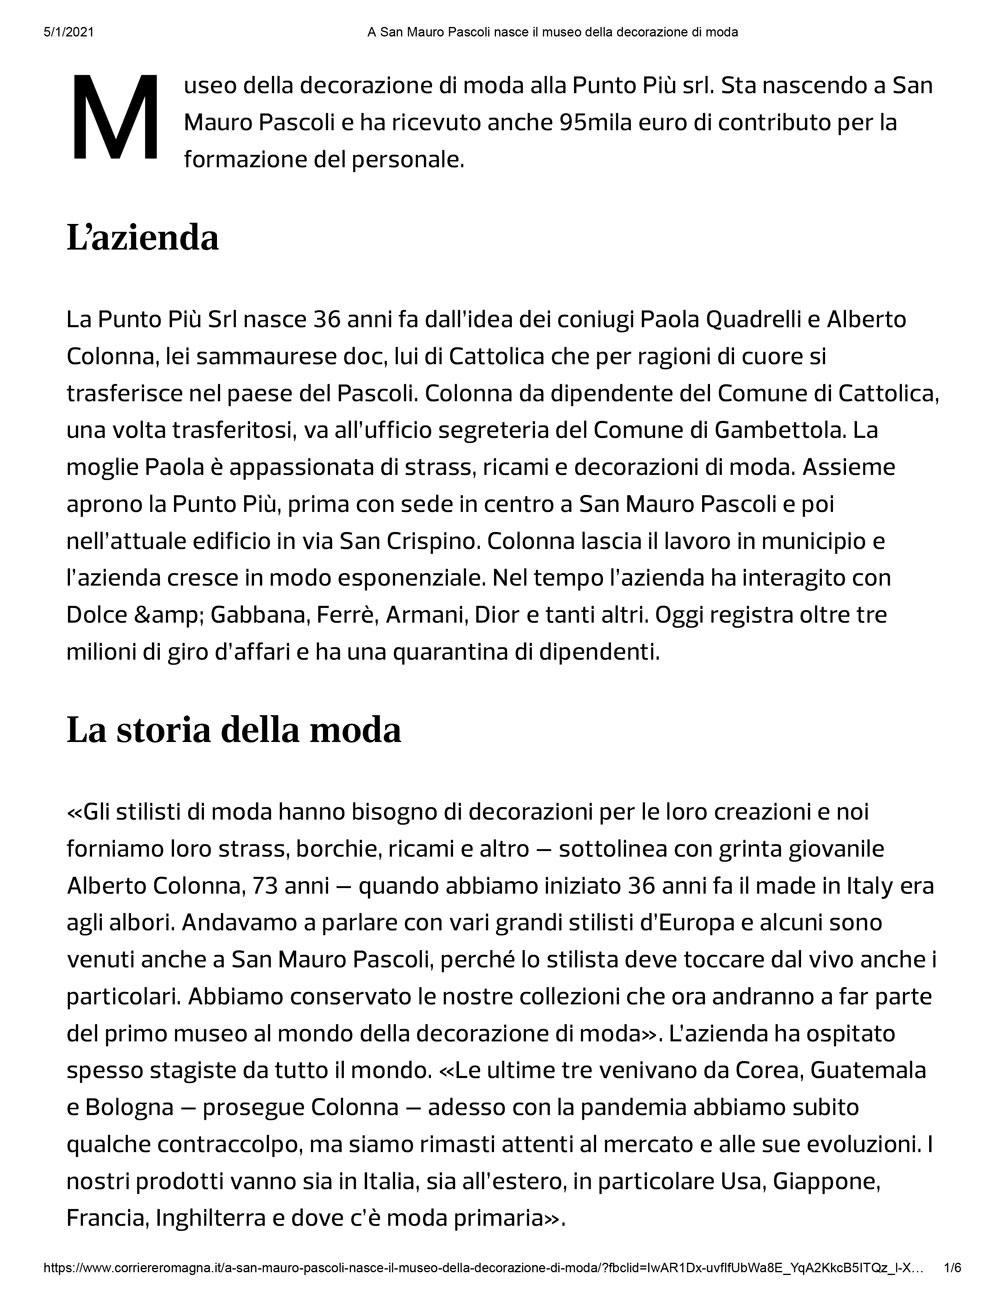 Punto Più di San Mauro vince Bando Fondimpresa per museo della decorazione di moda